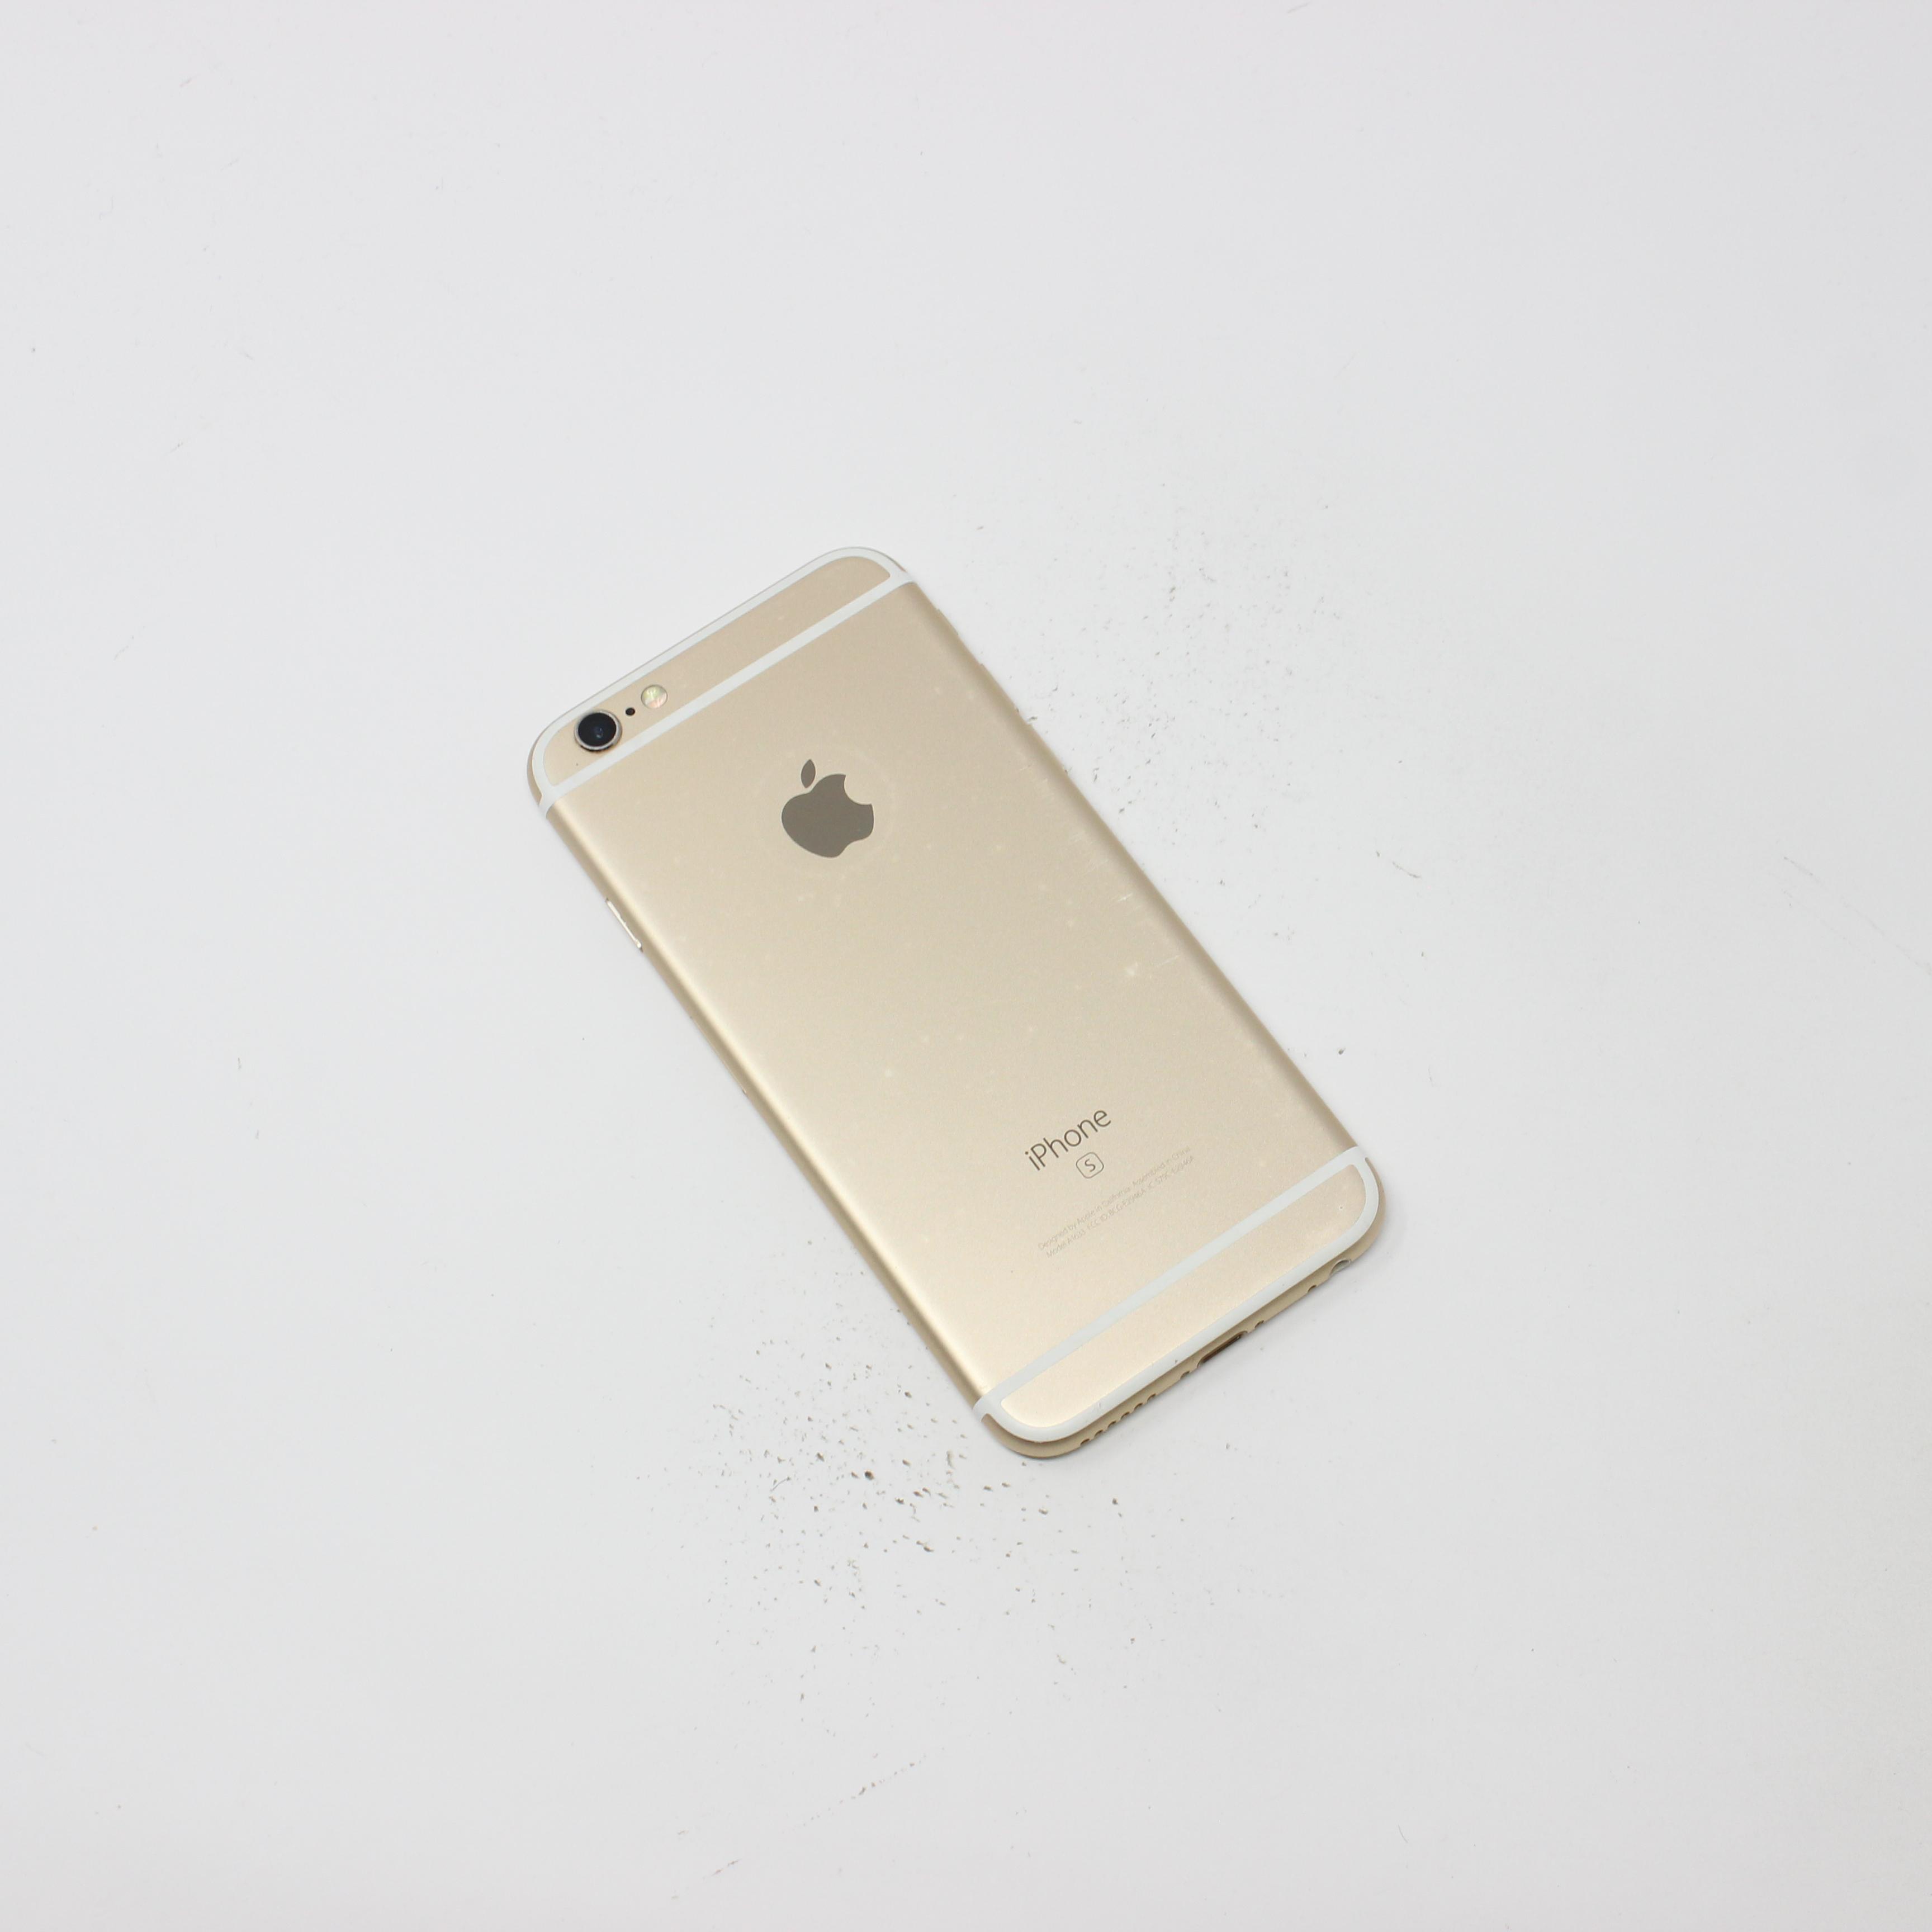 iPhone 6S 16GB Gold - AT&T photo 3 | UpTradeit.com